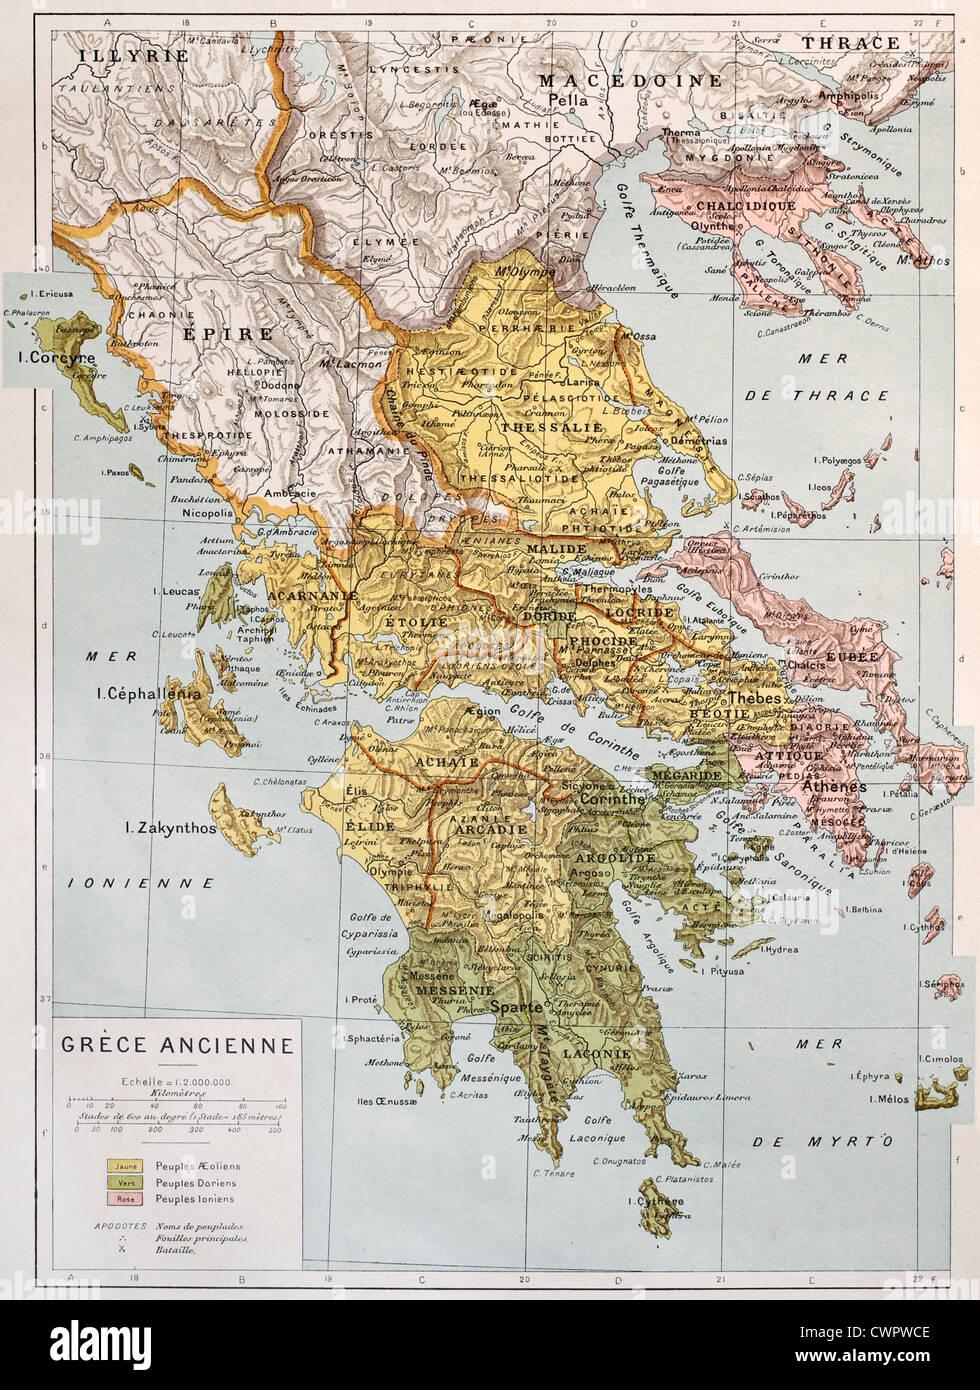 Cartina Della Grecia Antica In Italiano.Vecchia Mappa Della Grecia Antica Foto Stock Alamy